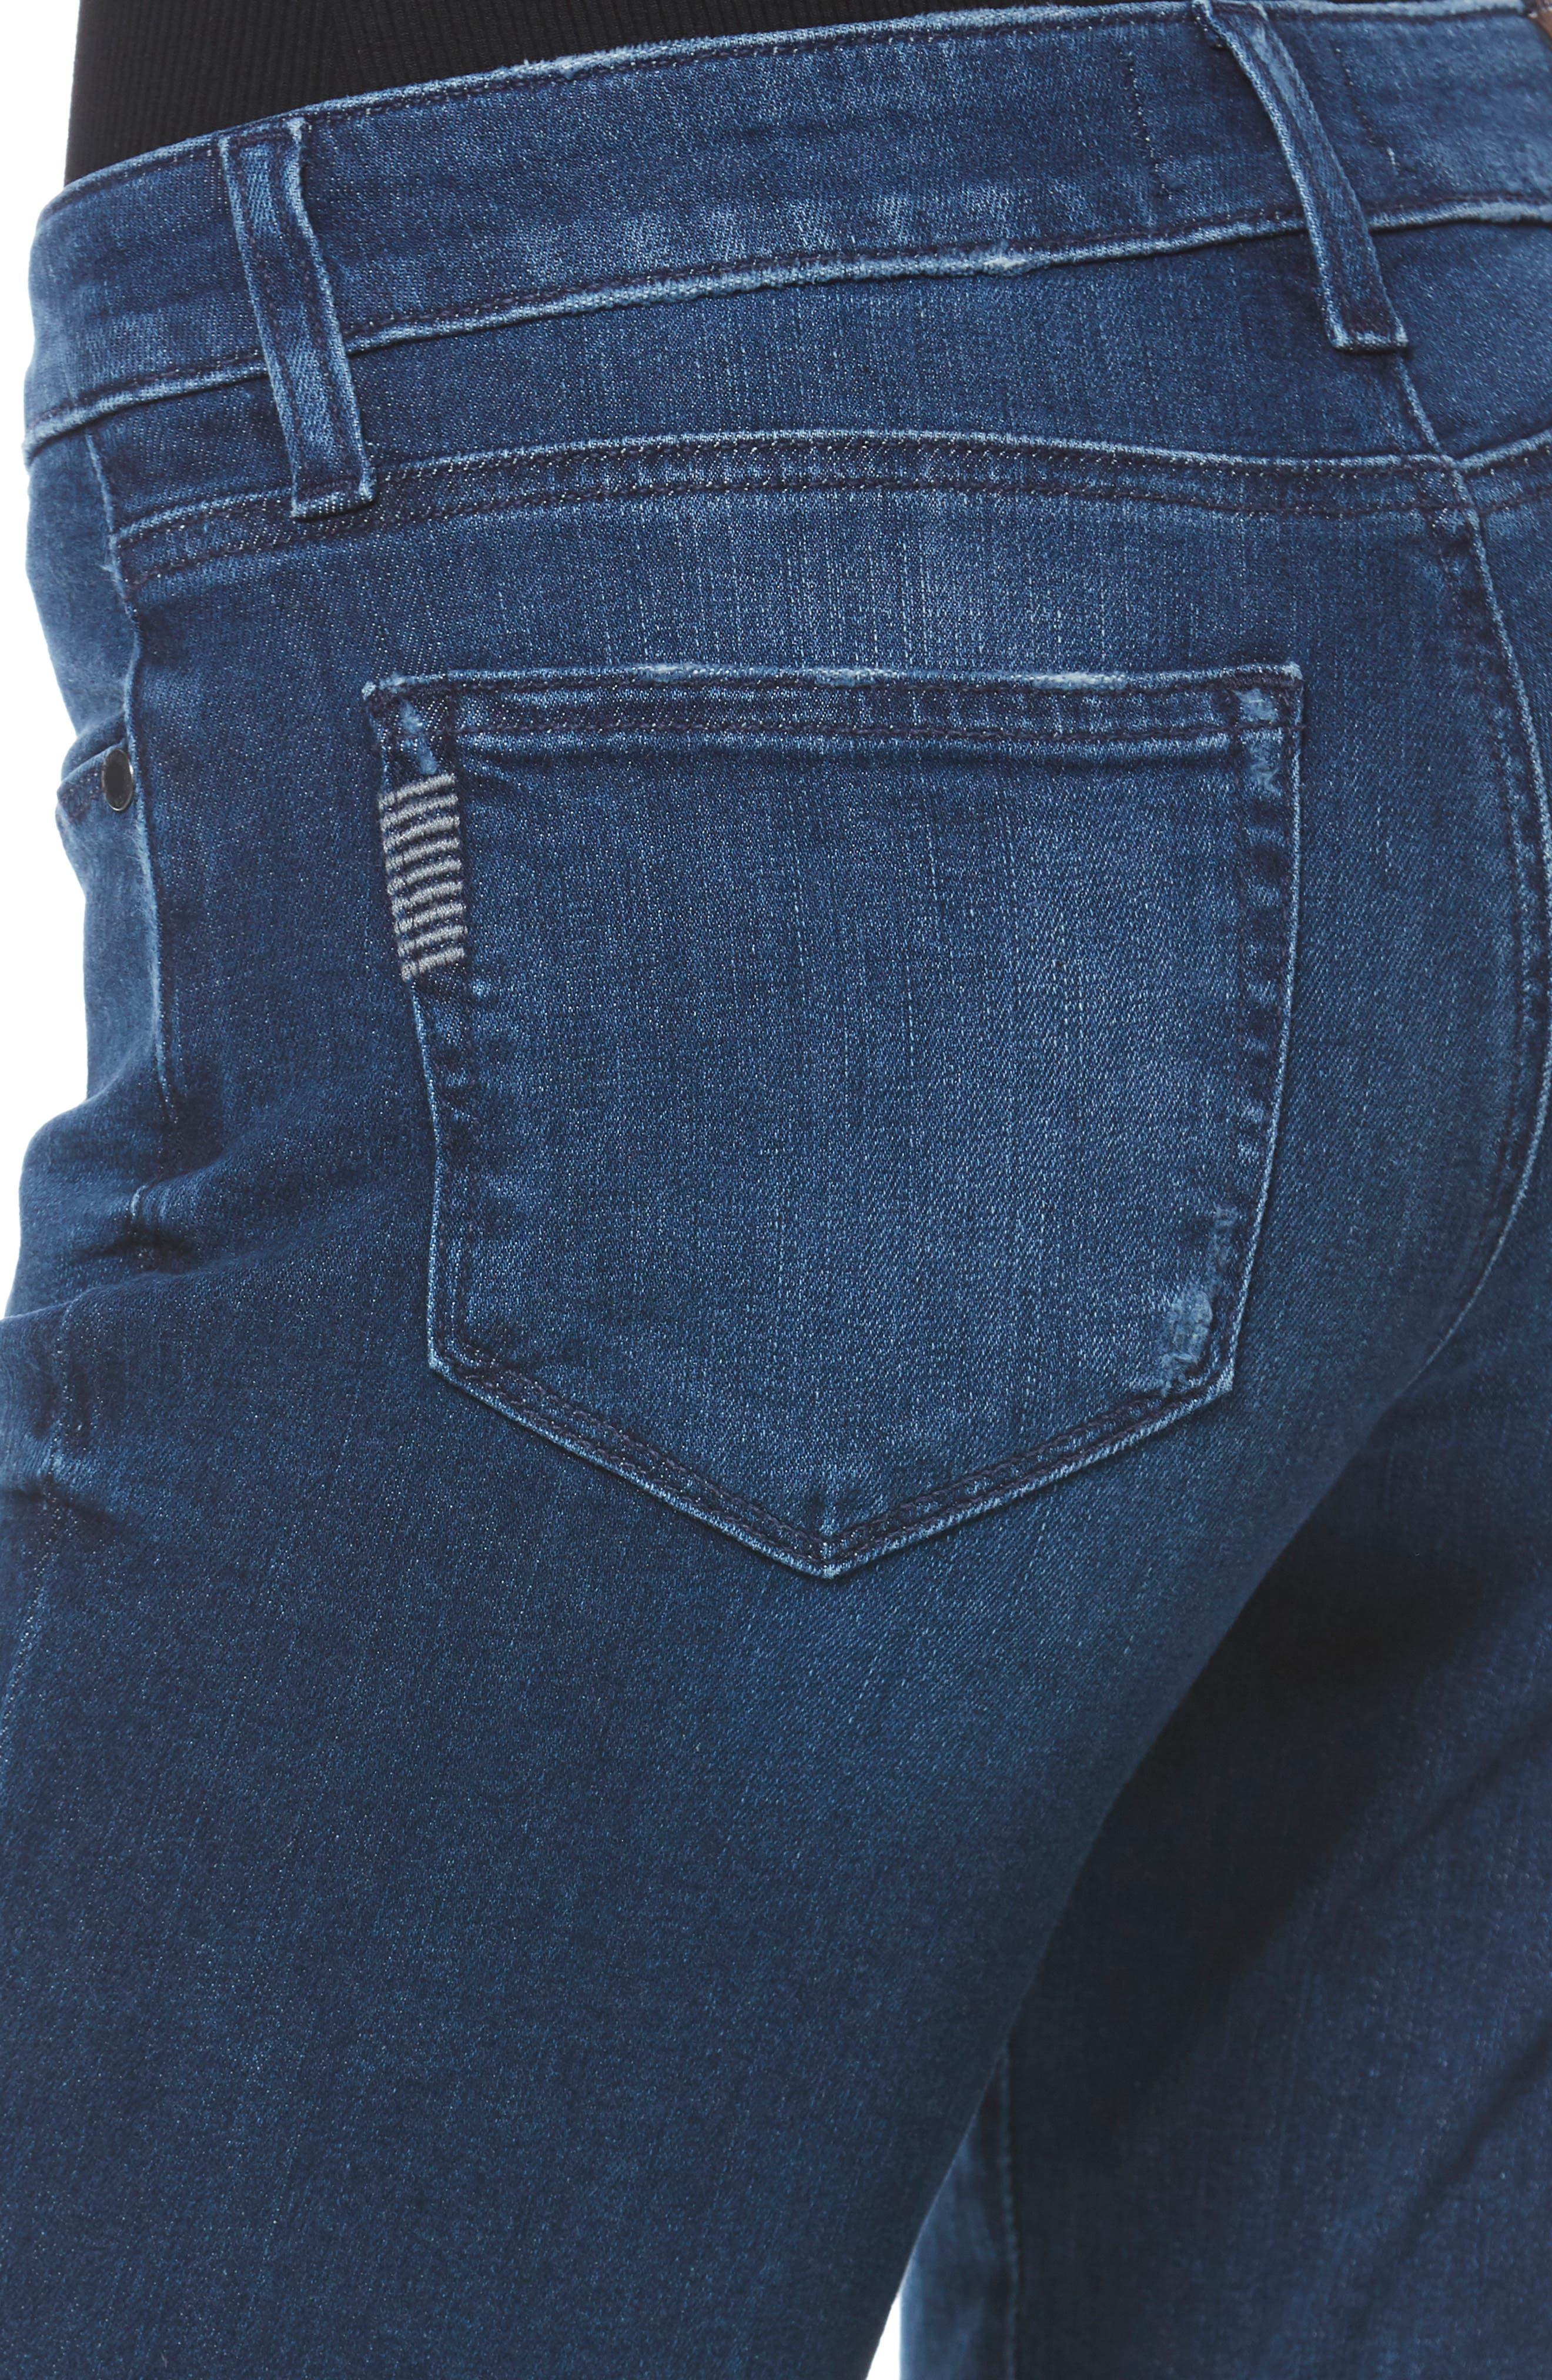 PAIGE,                             Brigitte Crop Boyfriend Jeans,                             Alternate thumbnail 4, color,                             NAPLES